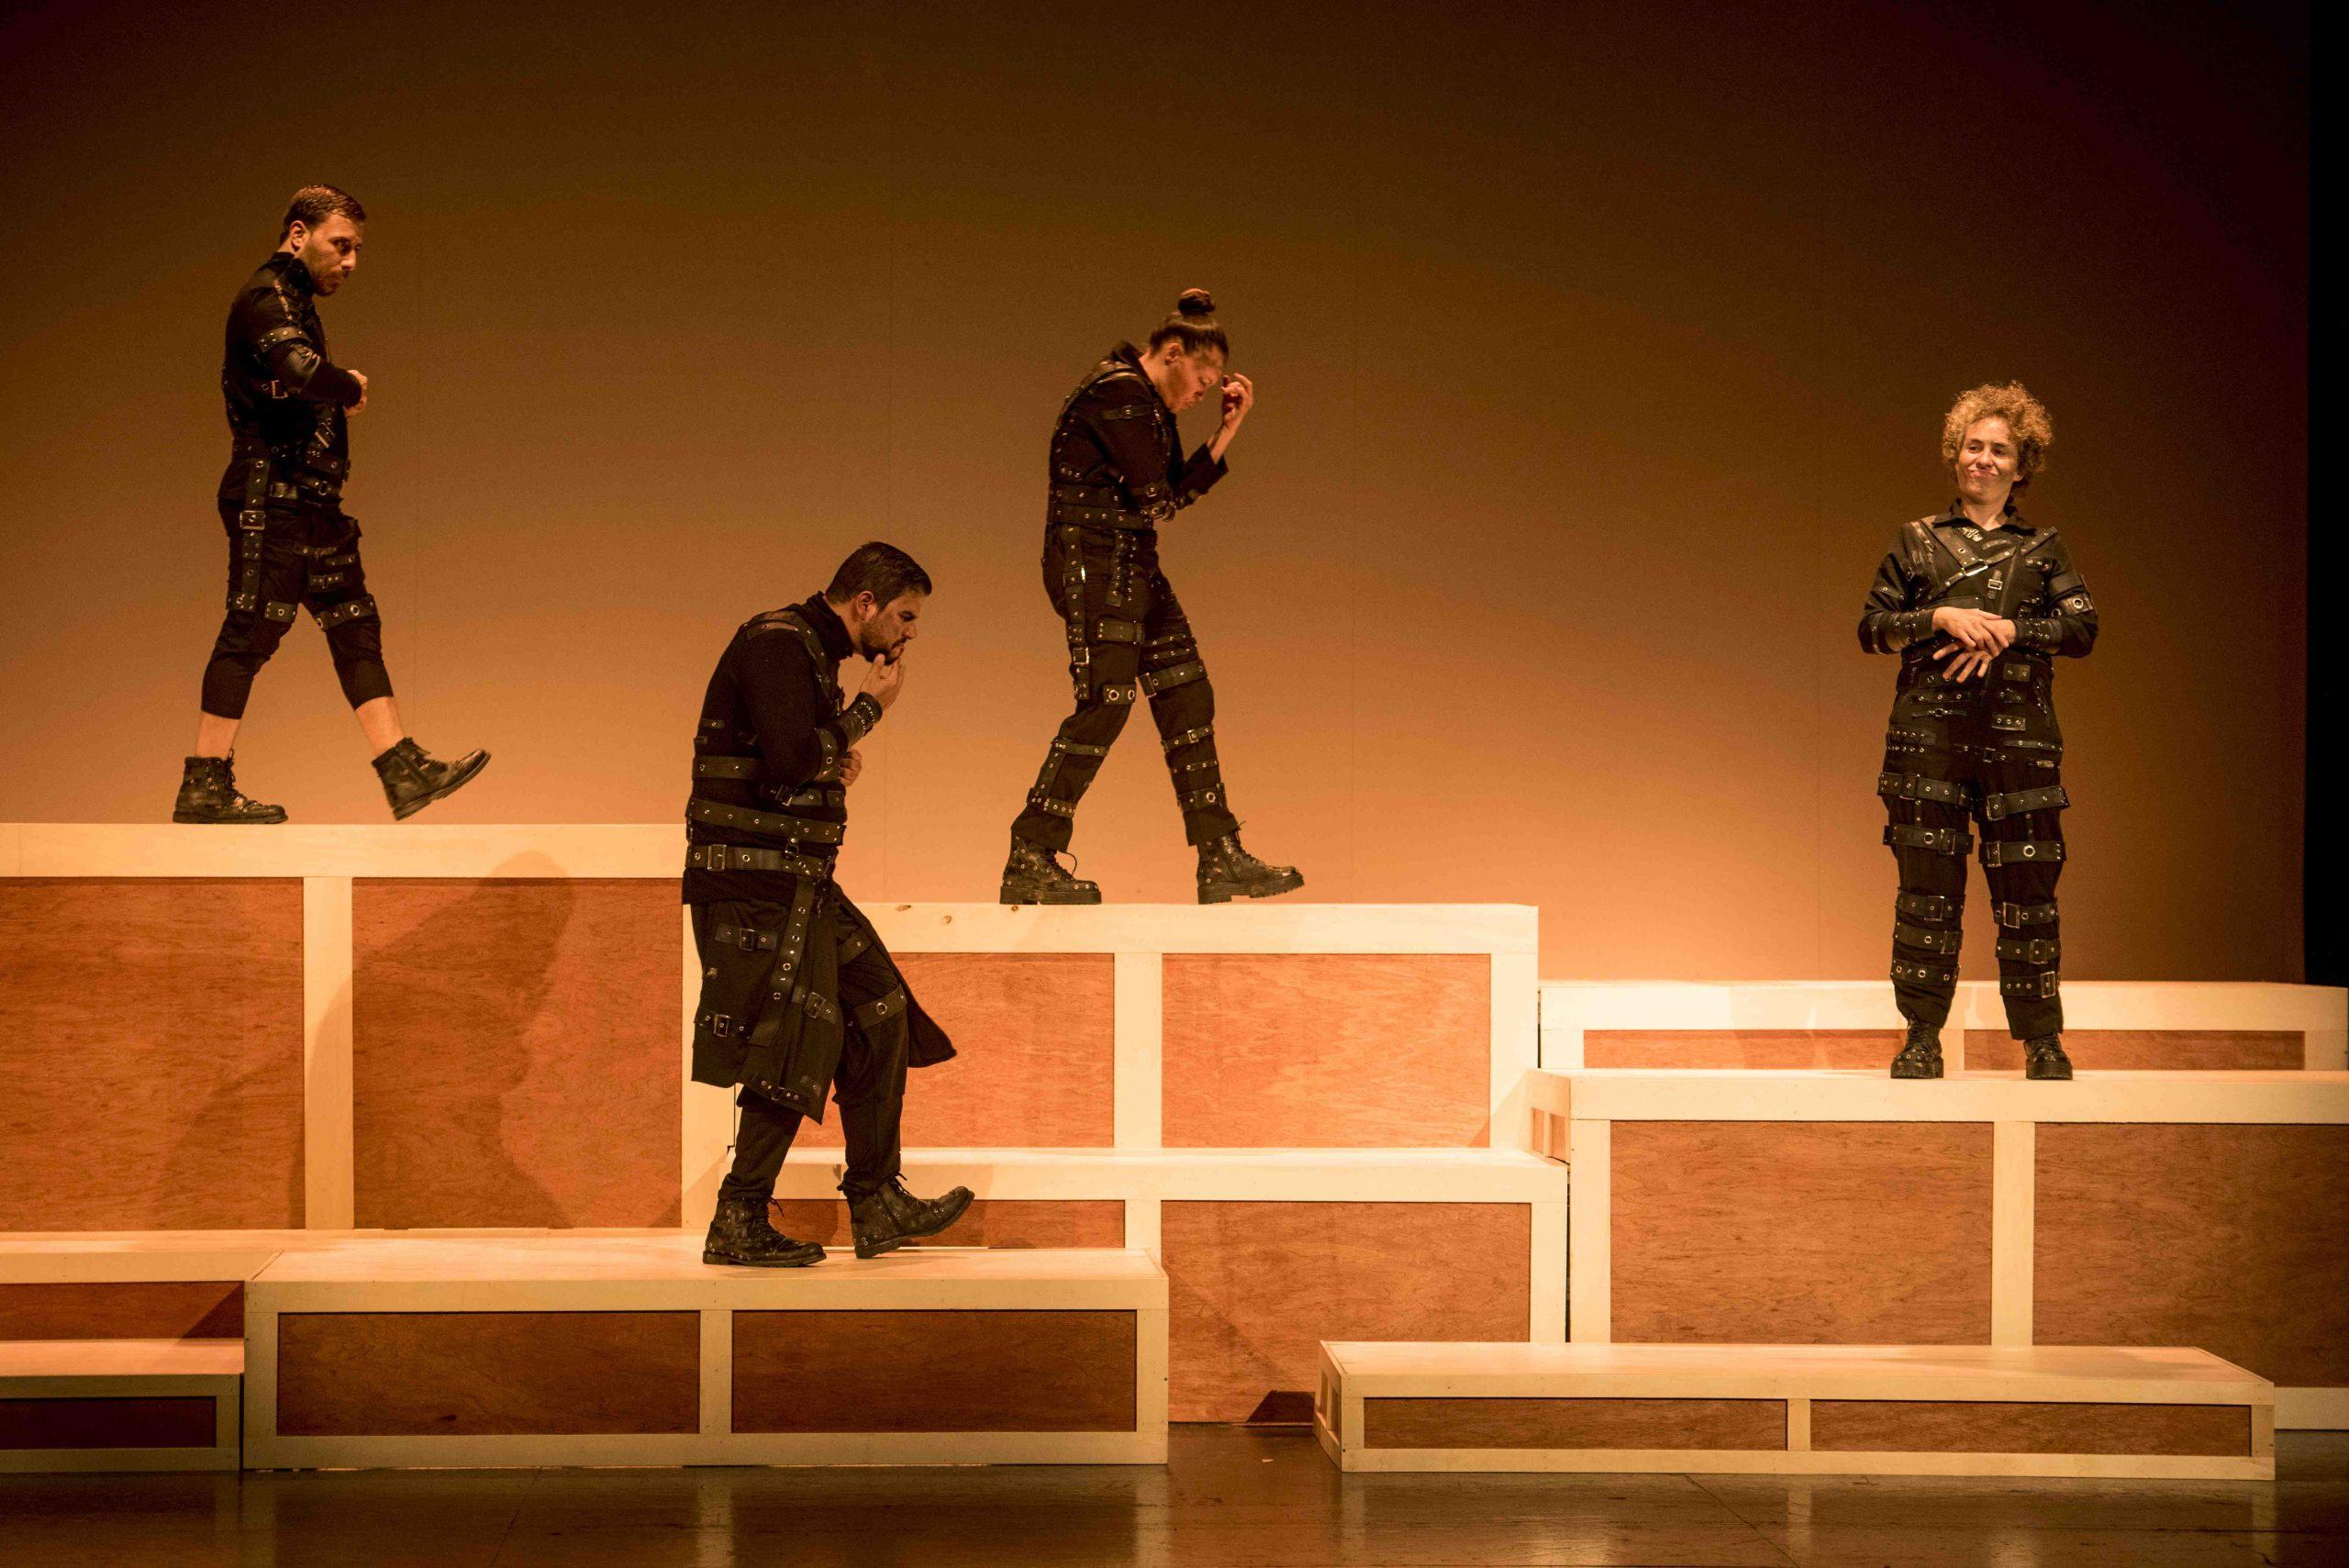 El montaje teatral 'El crimen de la calle Fuencarral' llega al escenario del Teatro El Salinero de Lanzarote